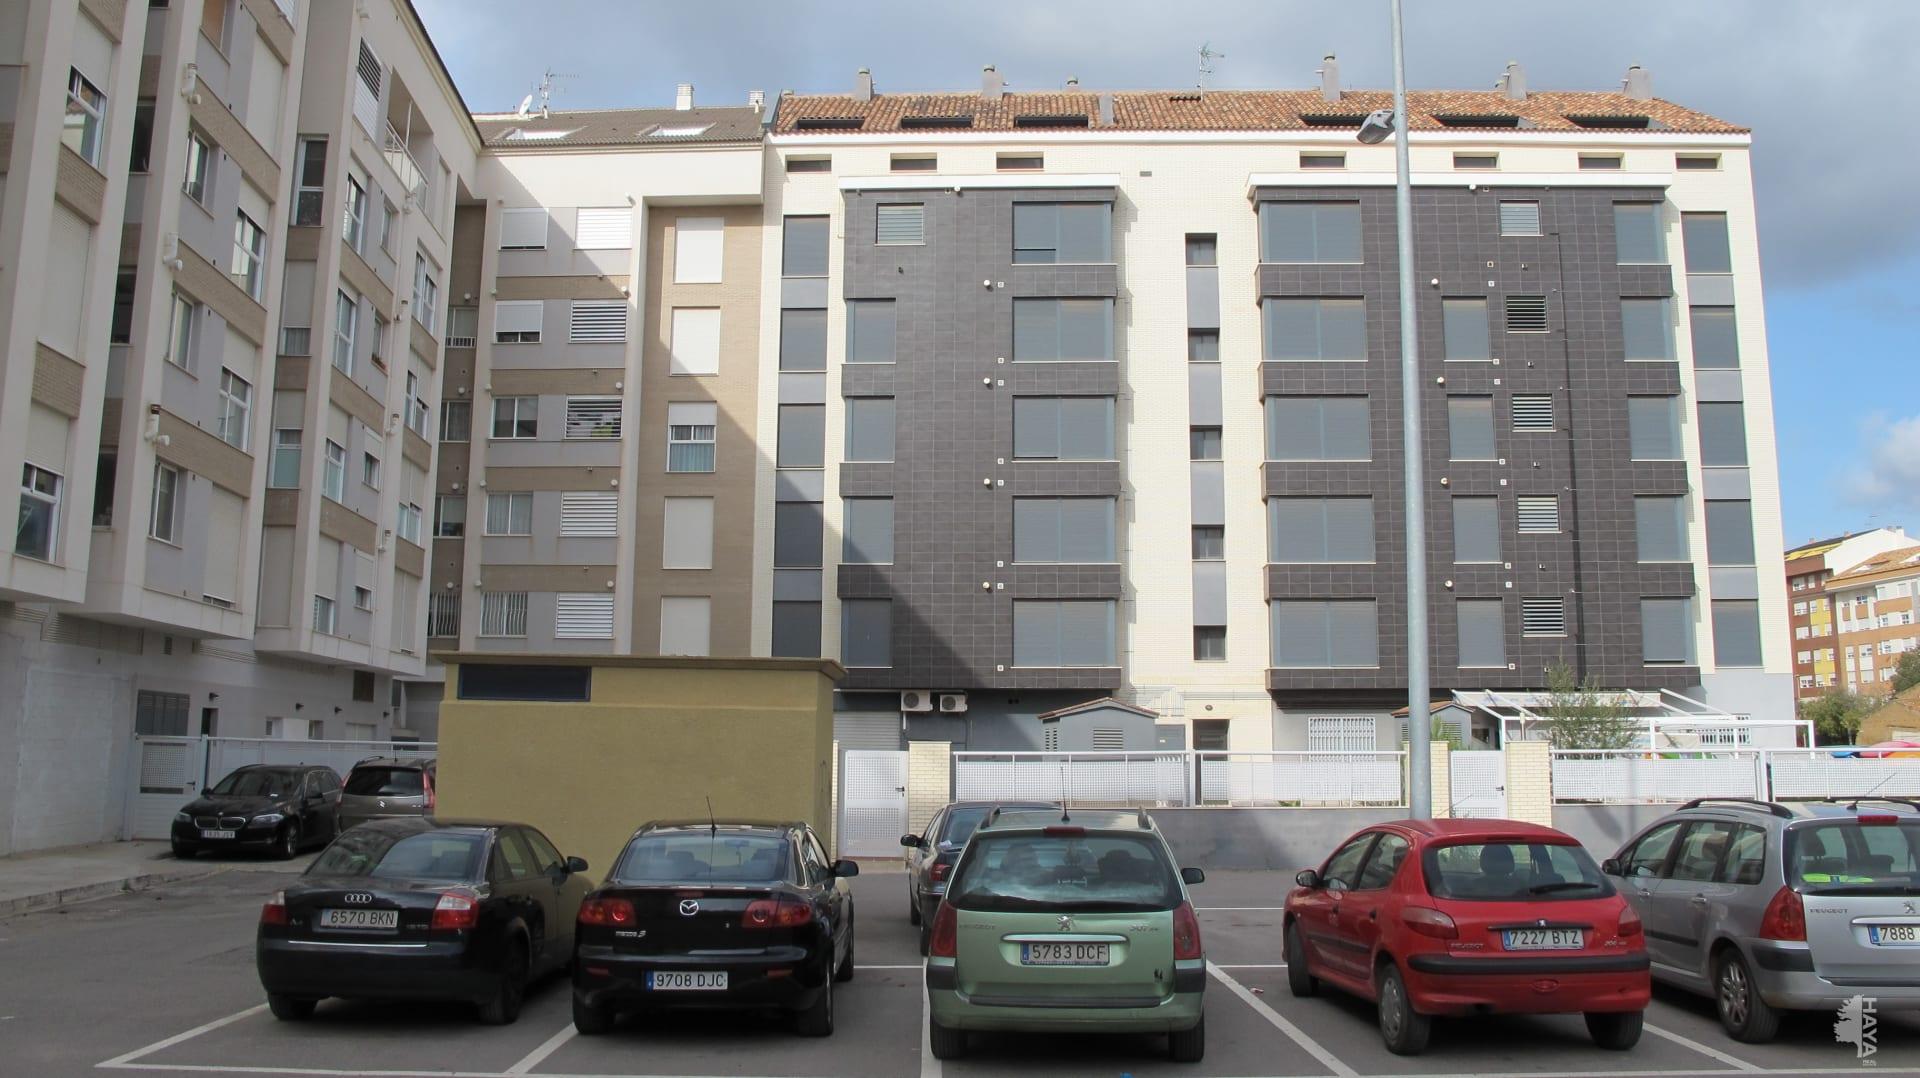 Piso en venta en Virgen de Gracia, Vila-real, Castellón, Calle Cortes Valencianas, 80.000 €, 2 habitaciones, 2 baños, 118 m2